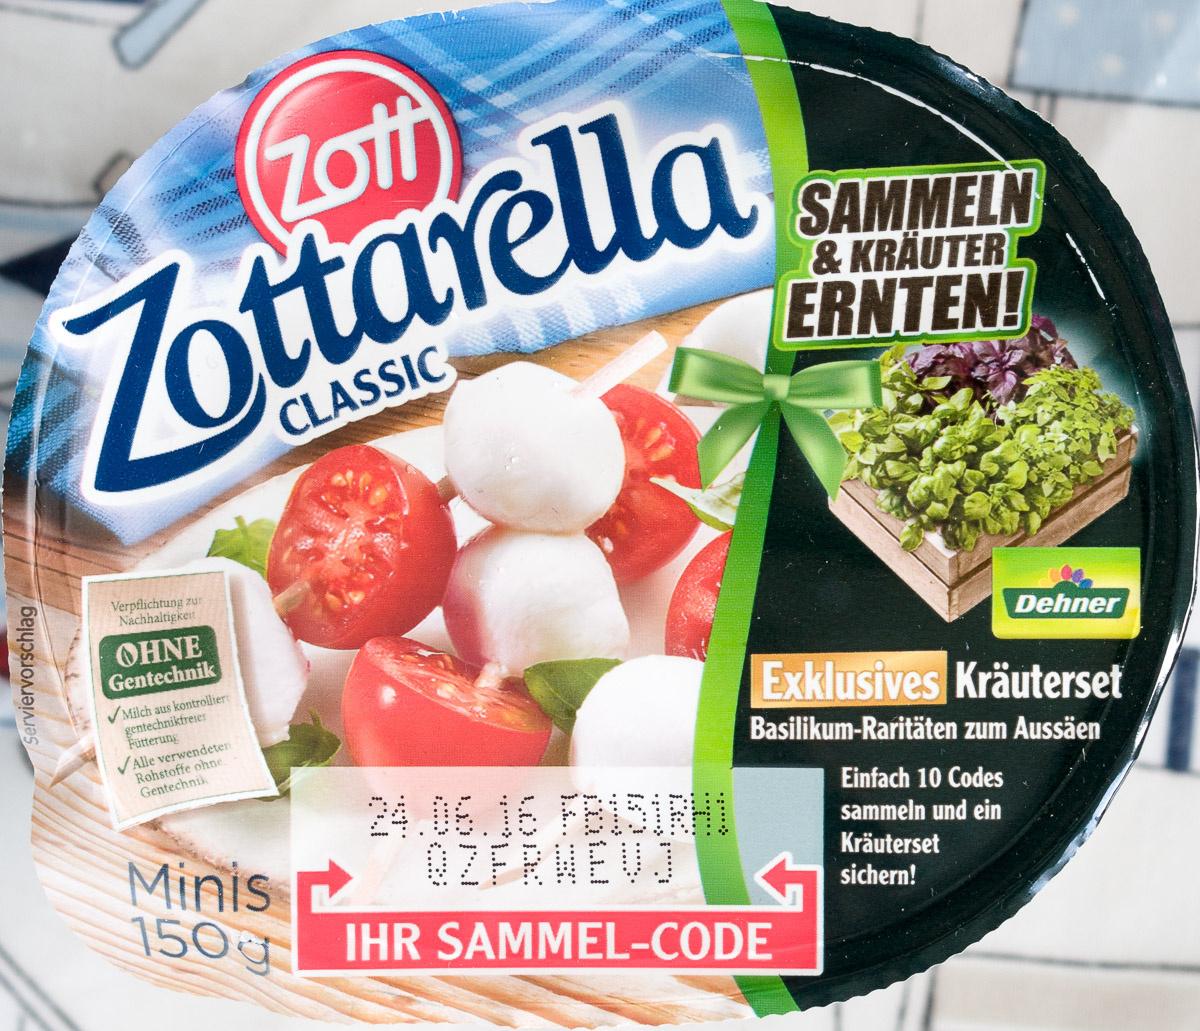 Mini/ Zottarella Classic Mozzarella  / käse - Product - de